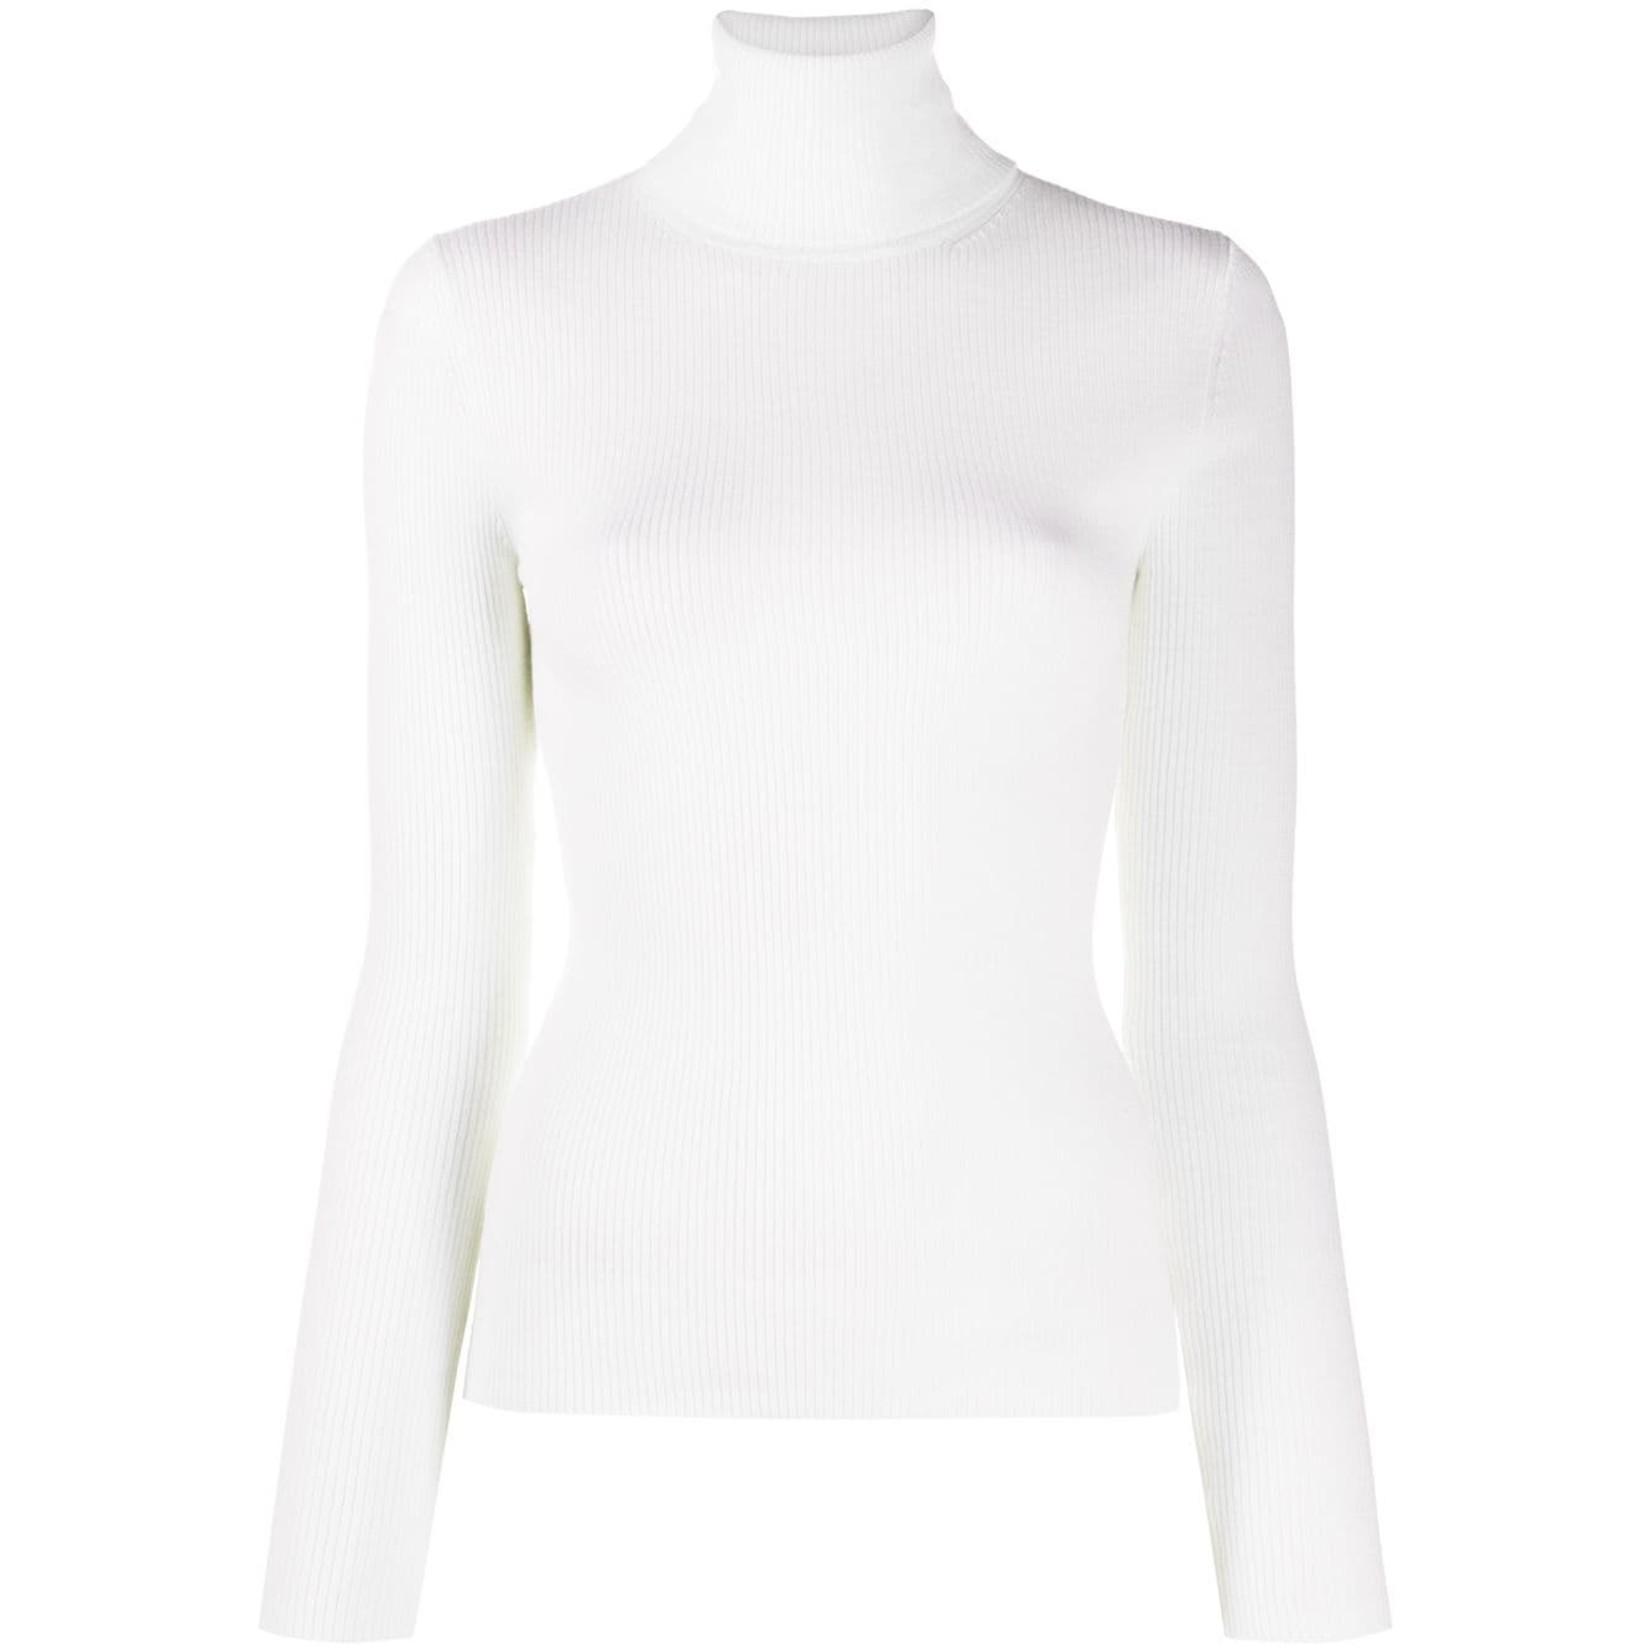 P.A.R.O.S.H. Sweater 43094